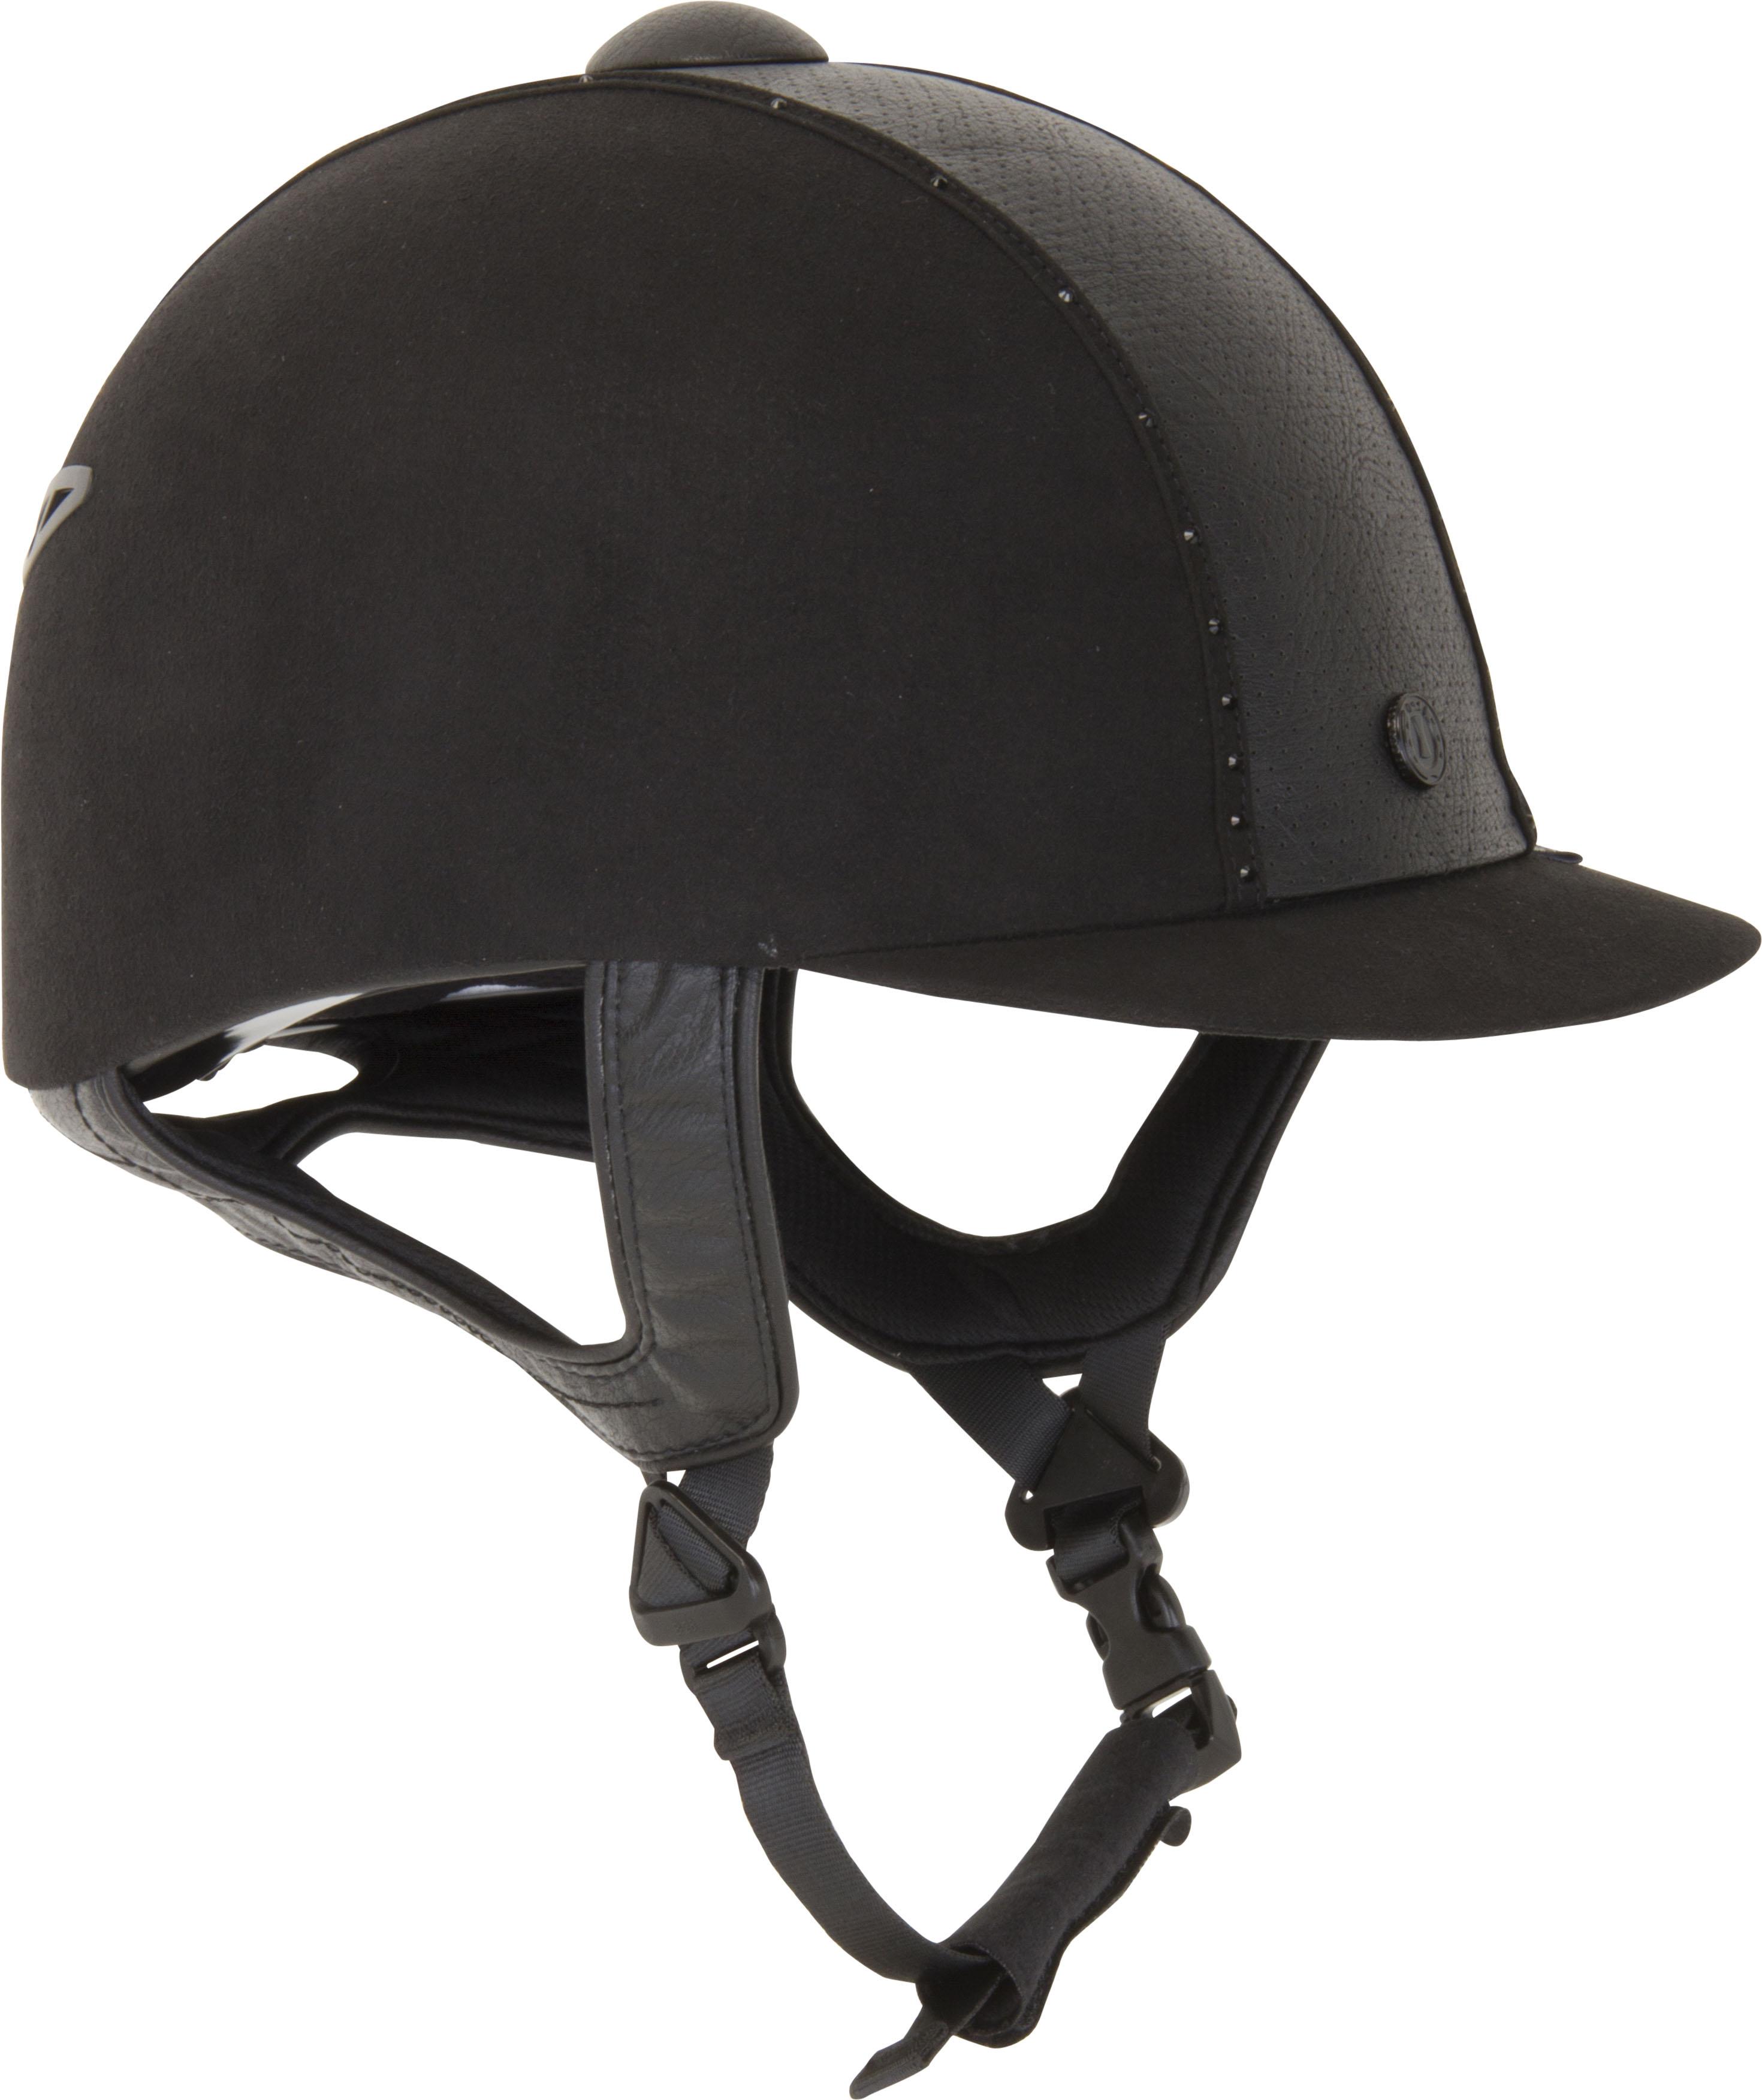 Imperial Riding Rijhelm Onyx UK